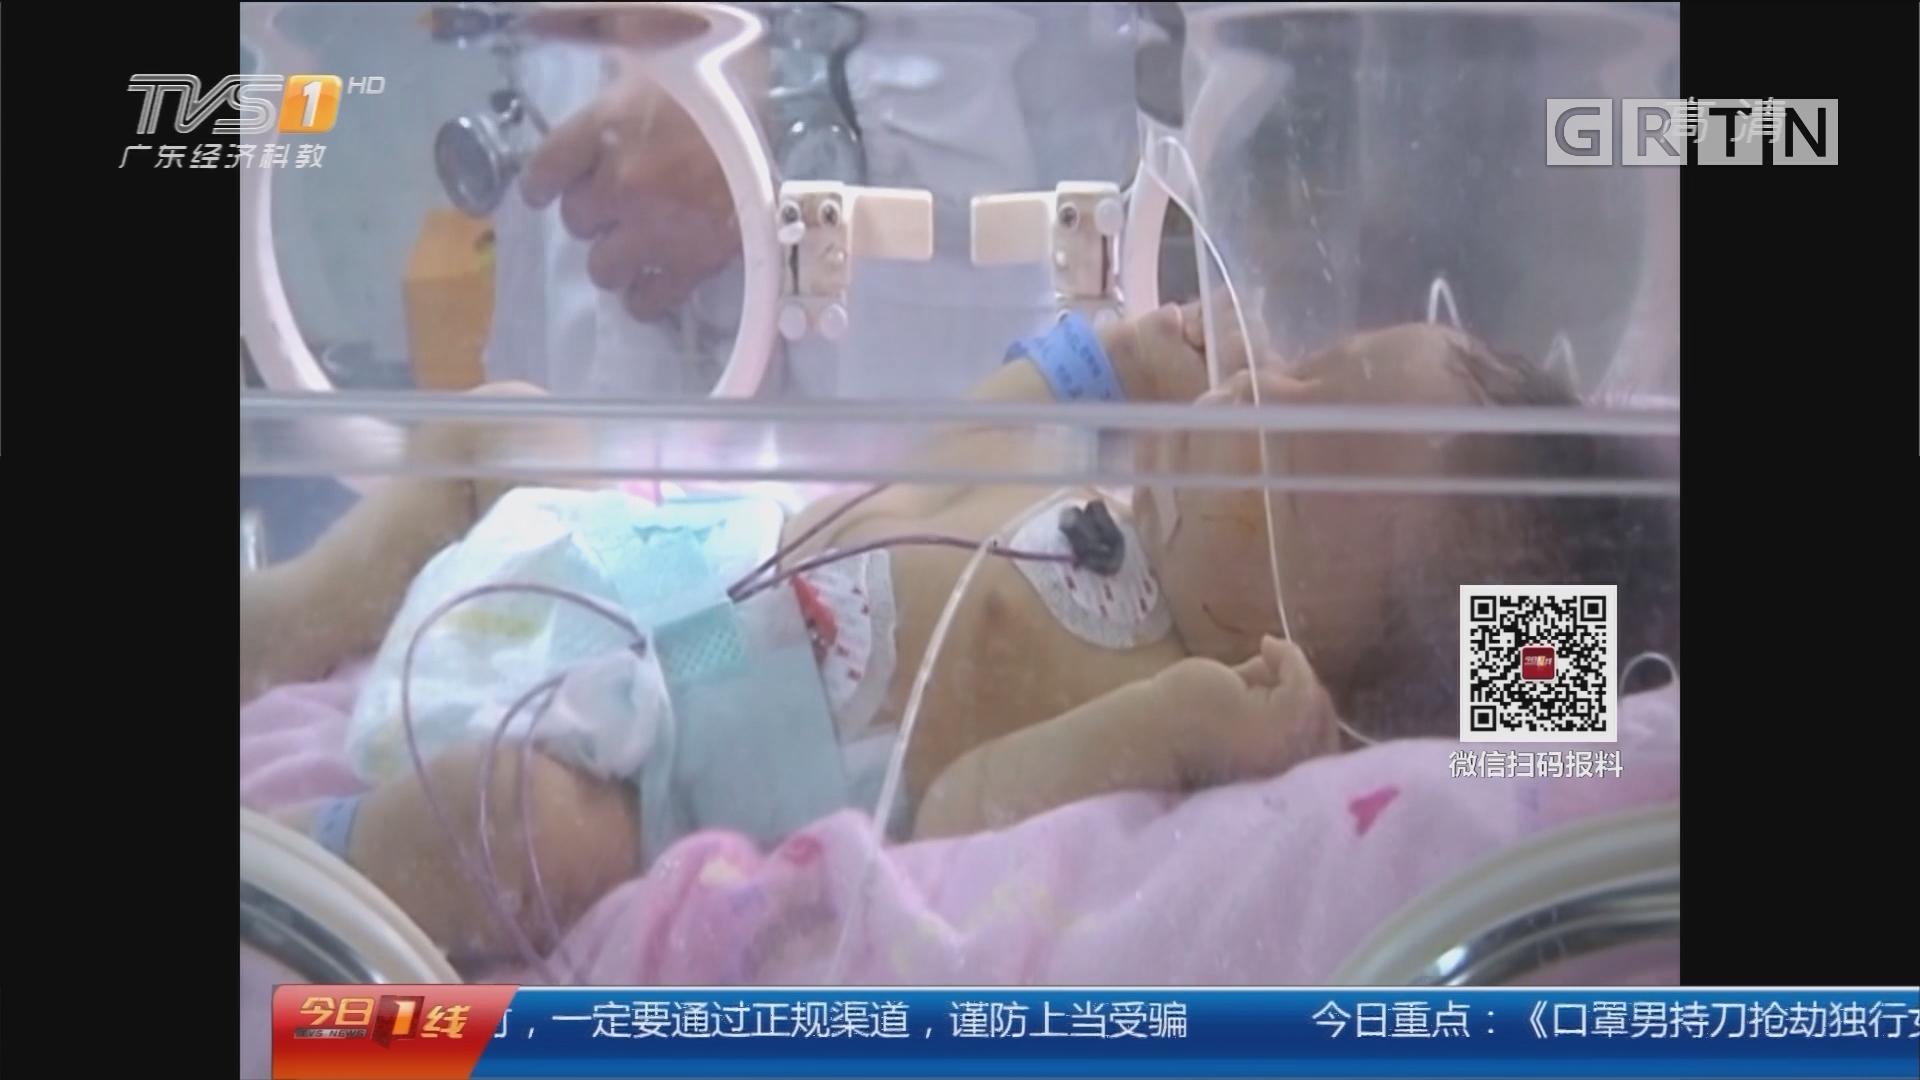 汕头:寒夜屋顶现弃婴 街坊帮送院救治